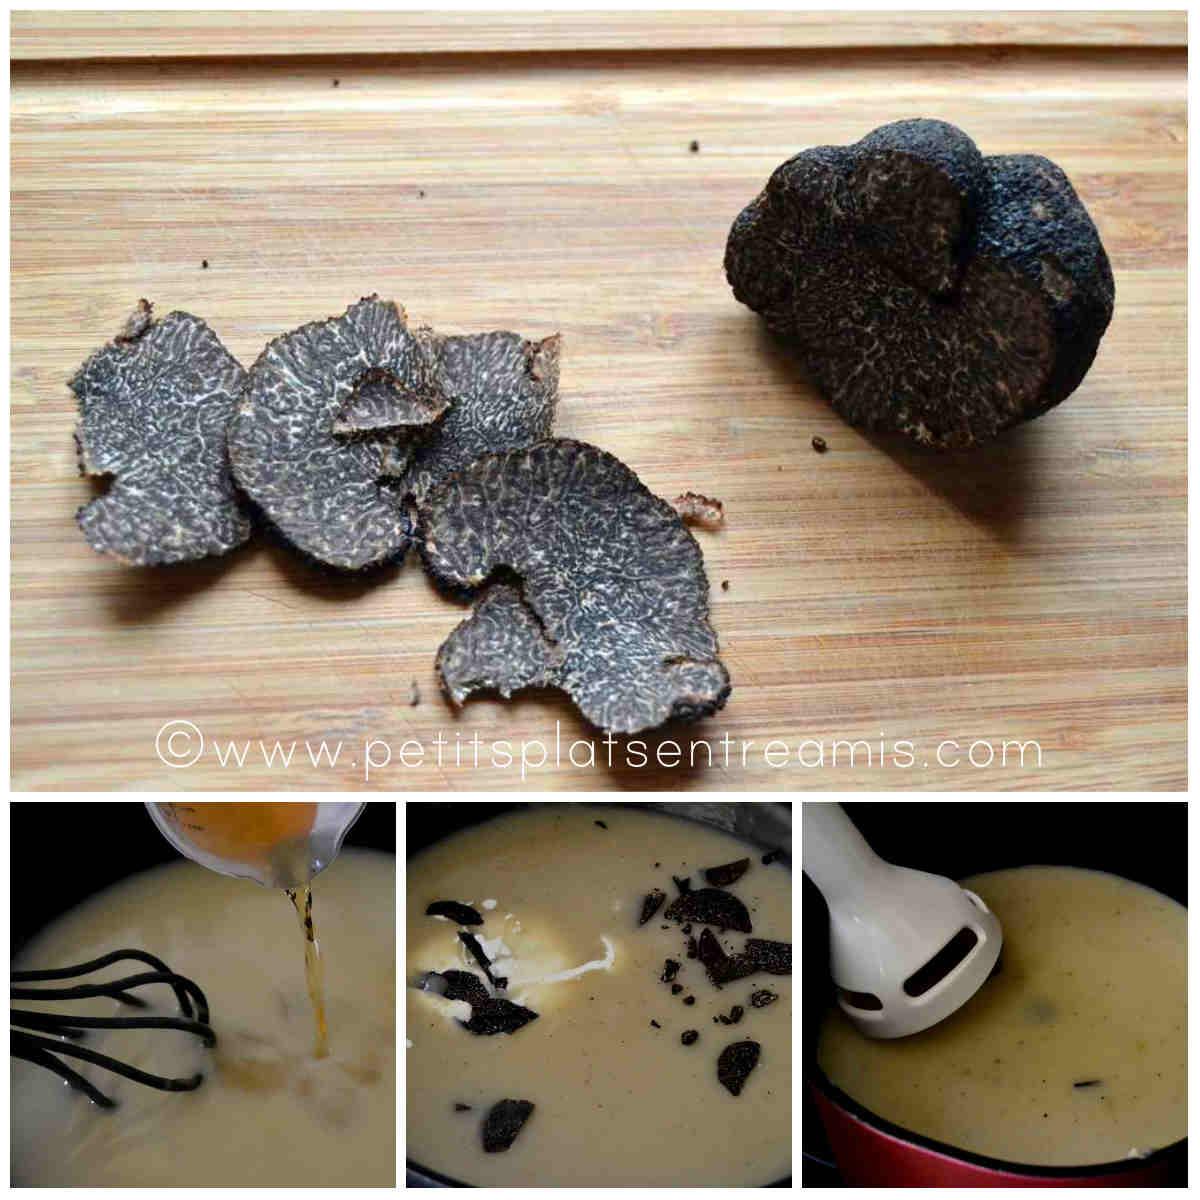 préparation sauce à la truffe noire